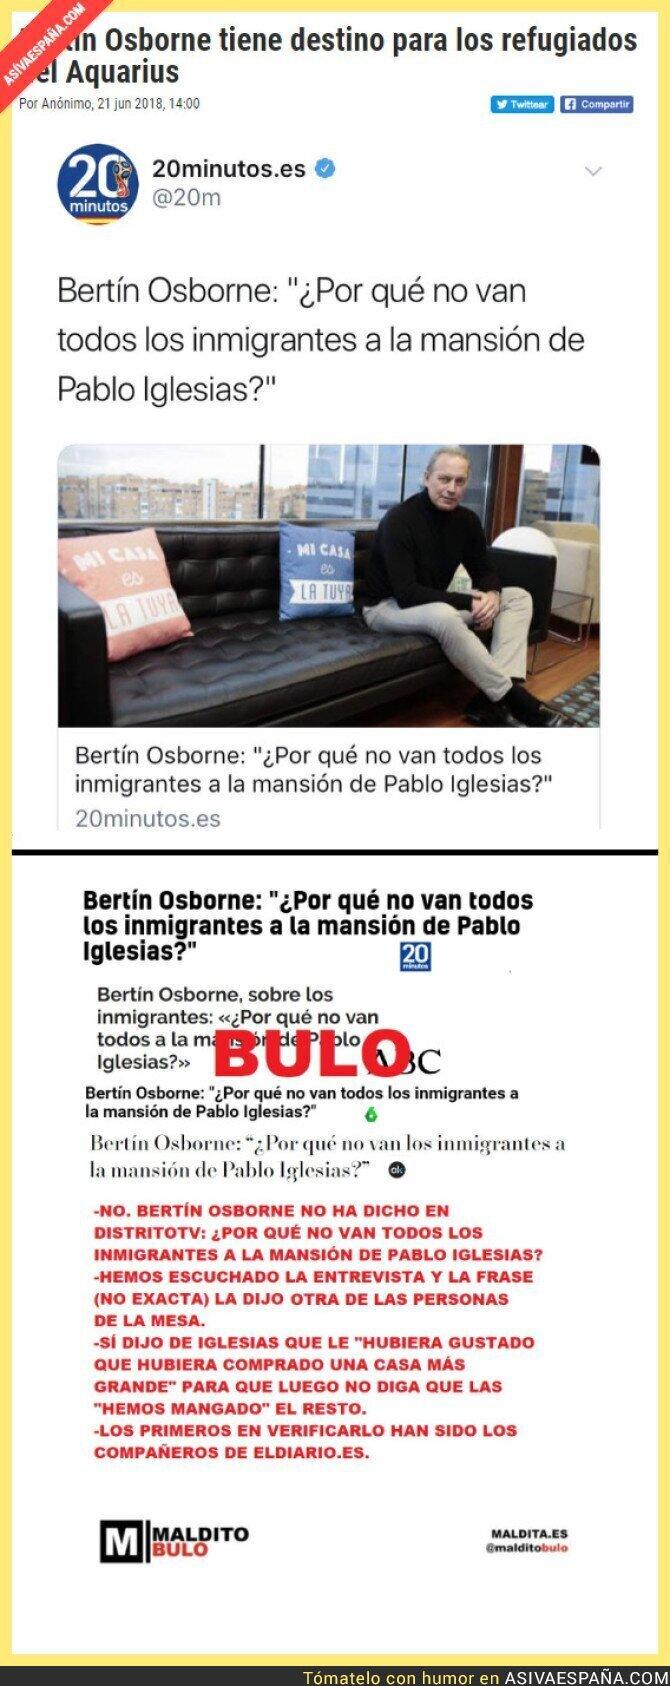 88727 - Desmontando las fake news acerca de Bertín Osborne y Pablo Iglesias